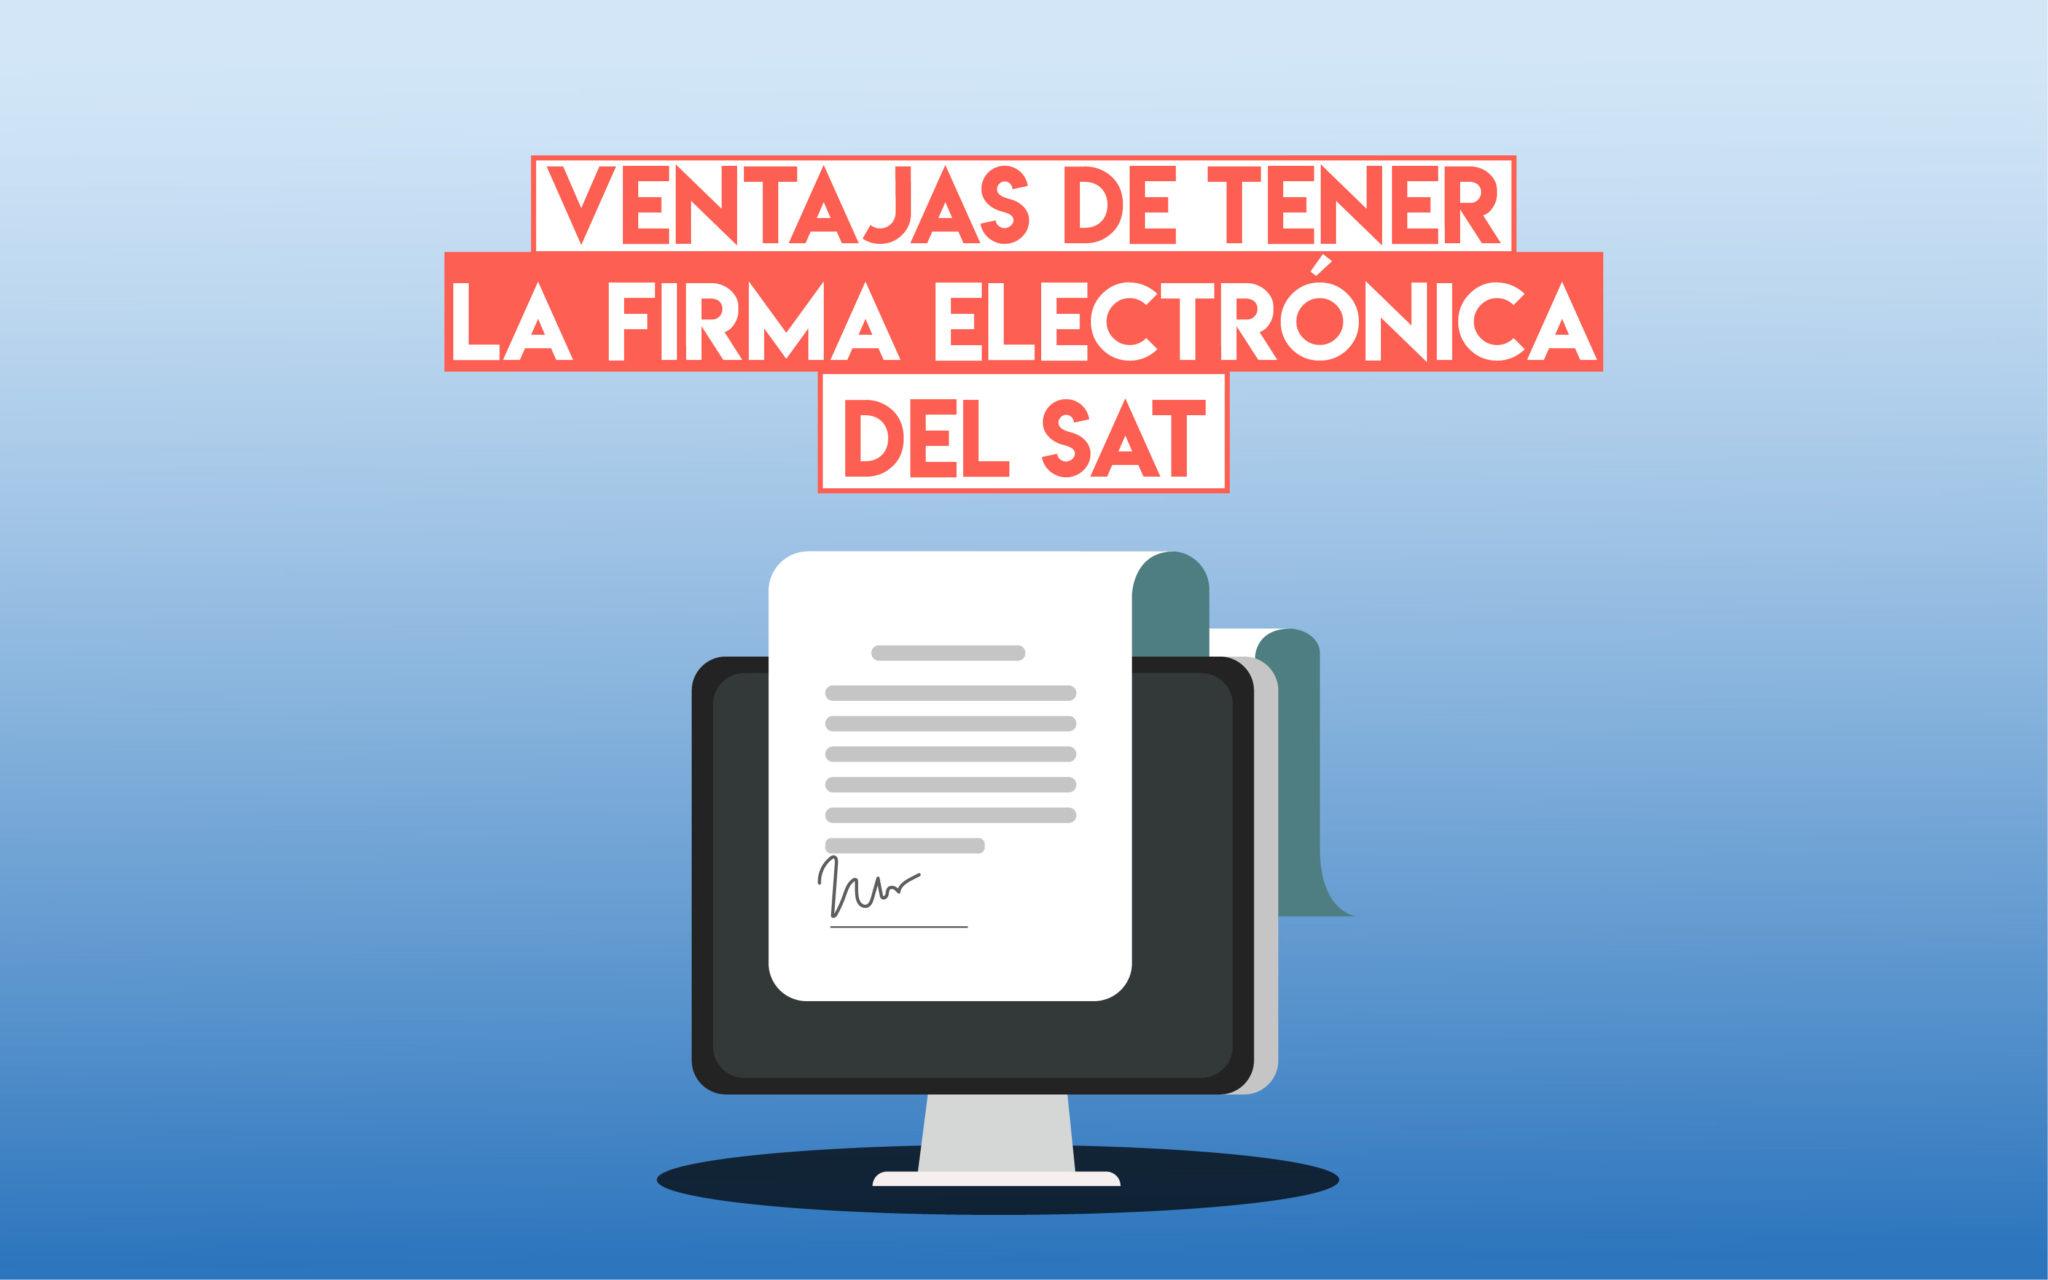 Ventajas De Tener Firma Electrónica Del Sat Profesionistas